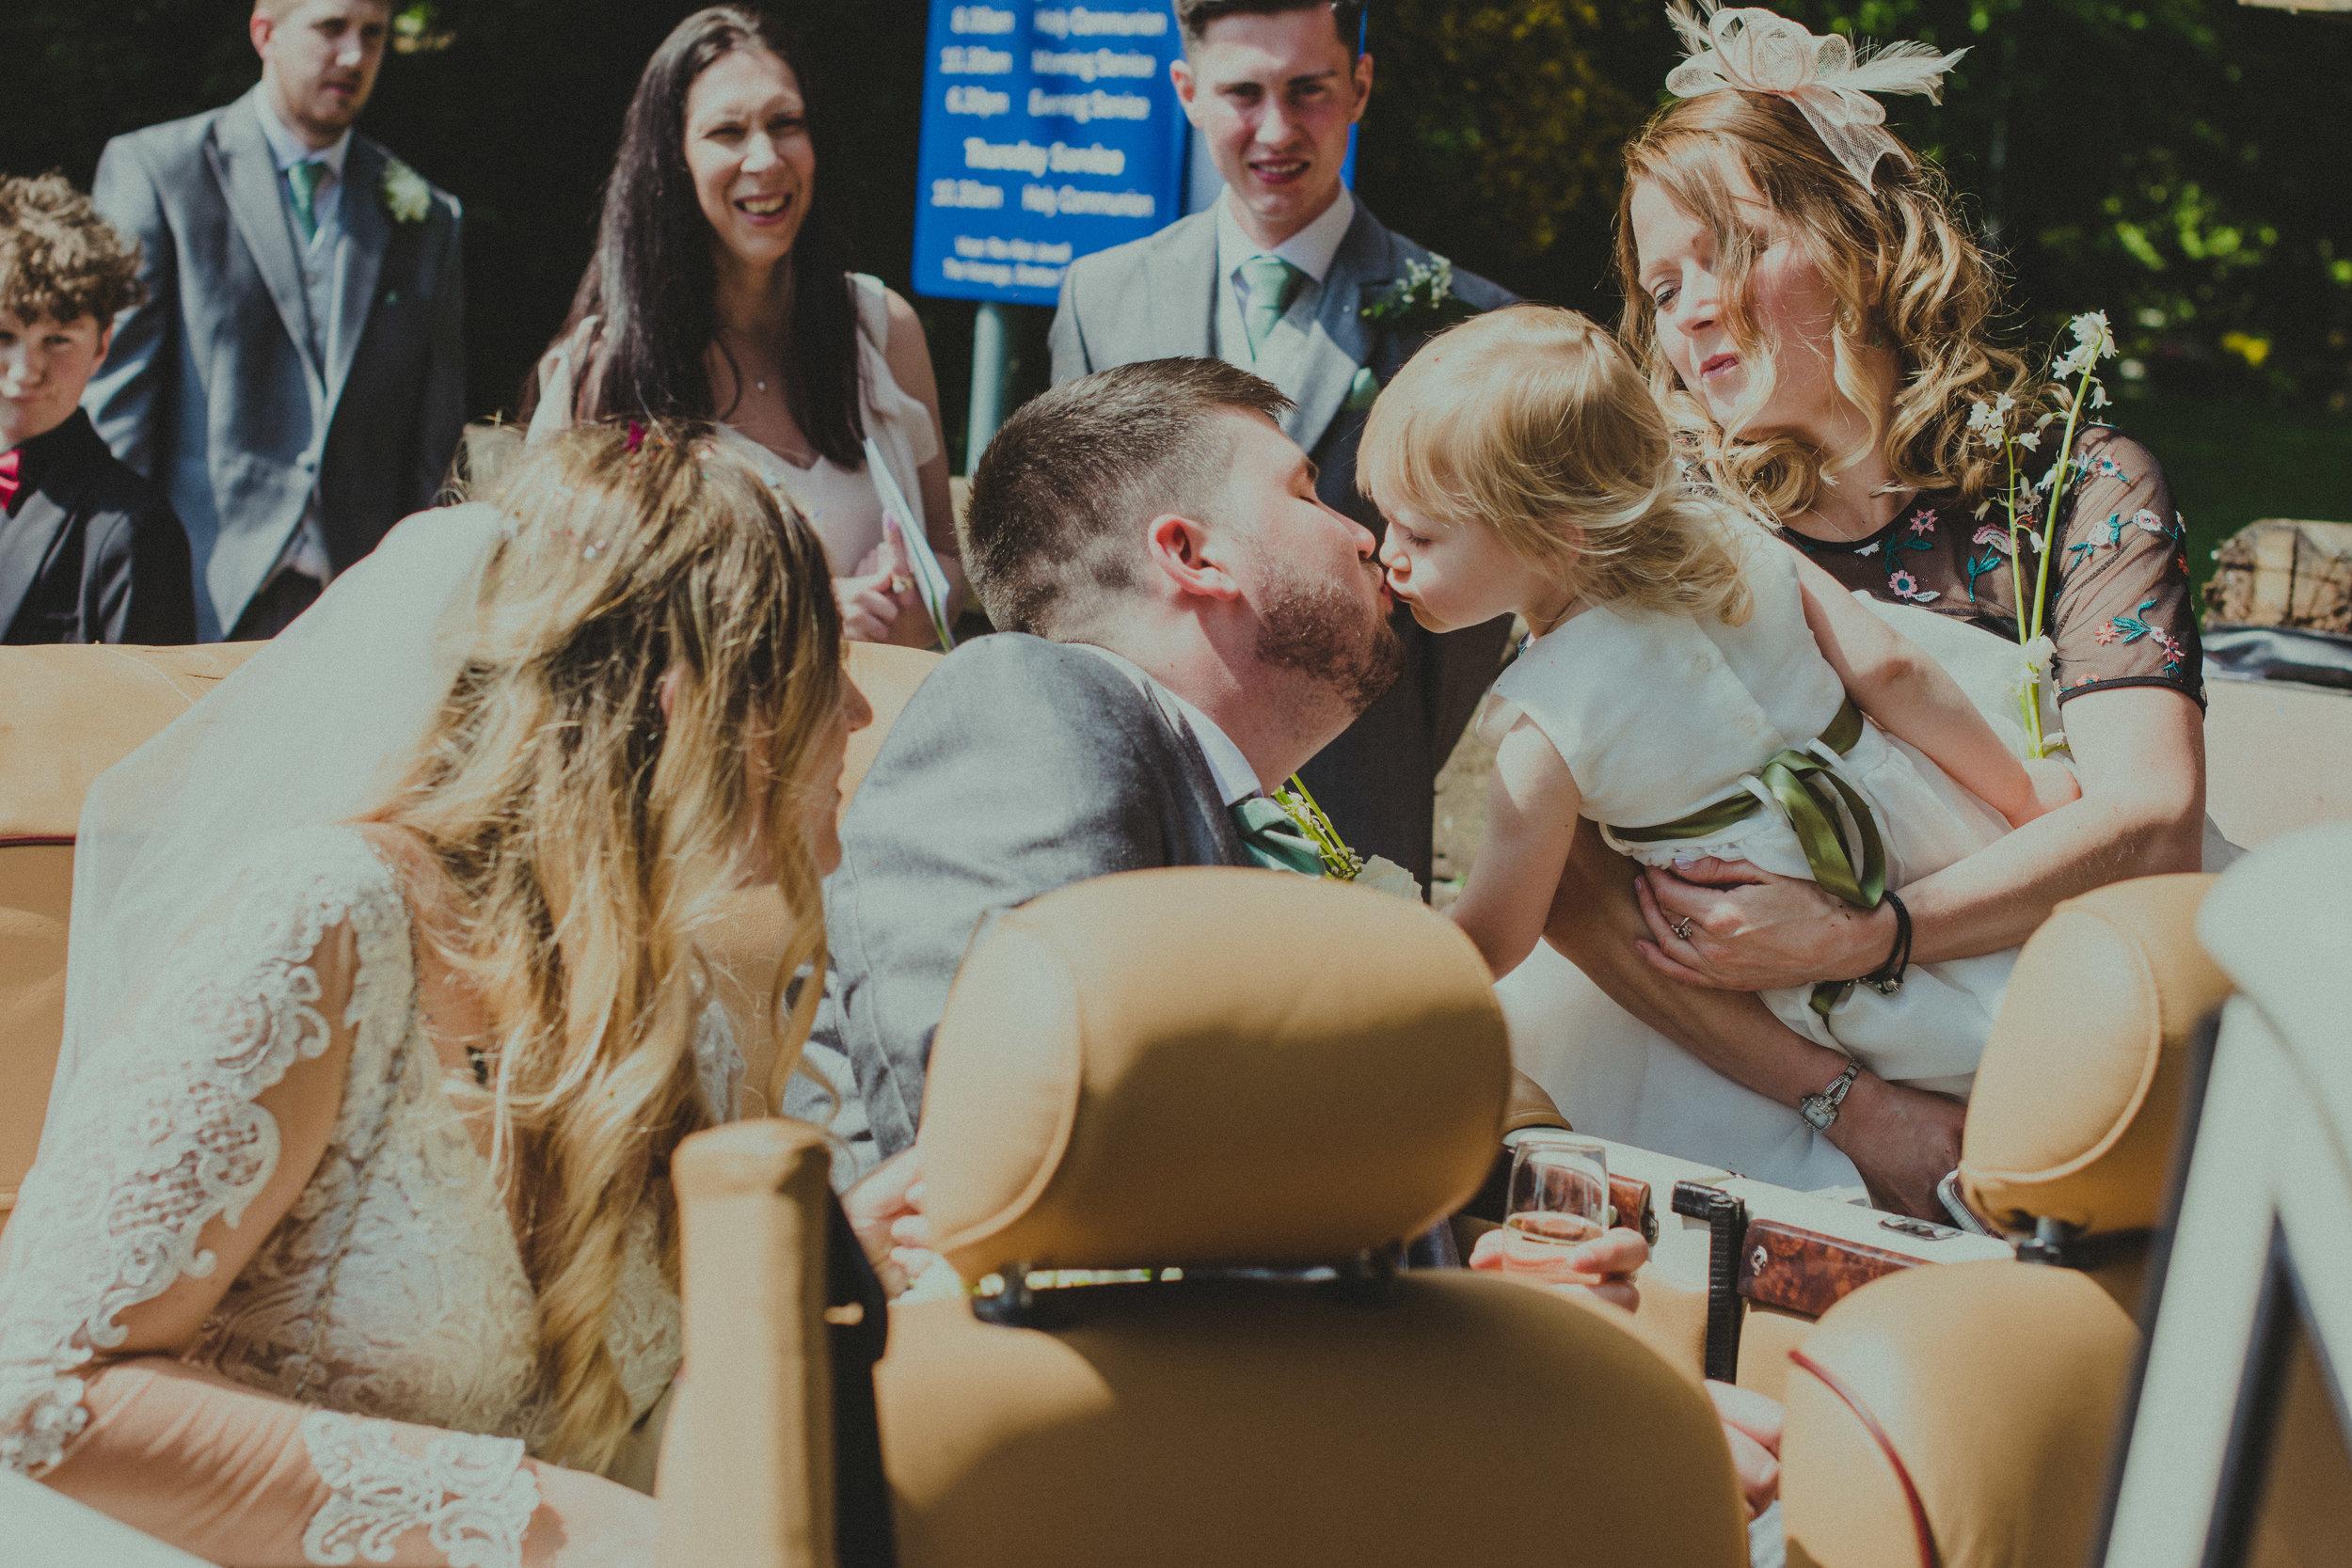 Devon wedding Photographer wedding photographer engagement photographer Newquay wedding photographer bristol wedding photographer (1 of 1)-2.jpg